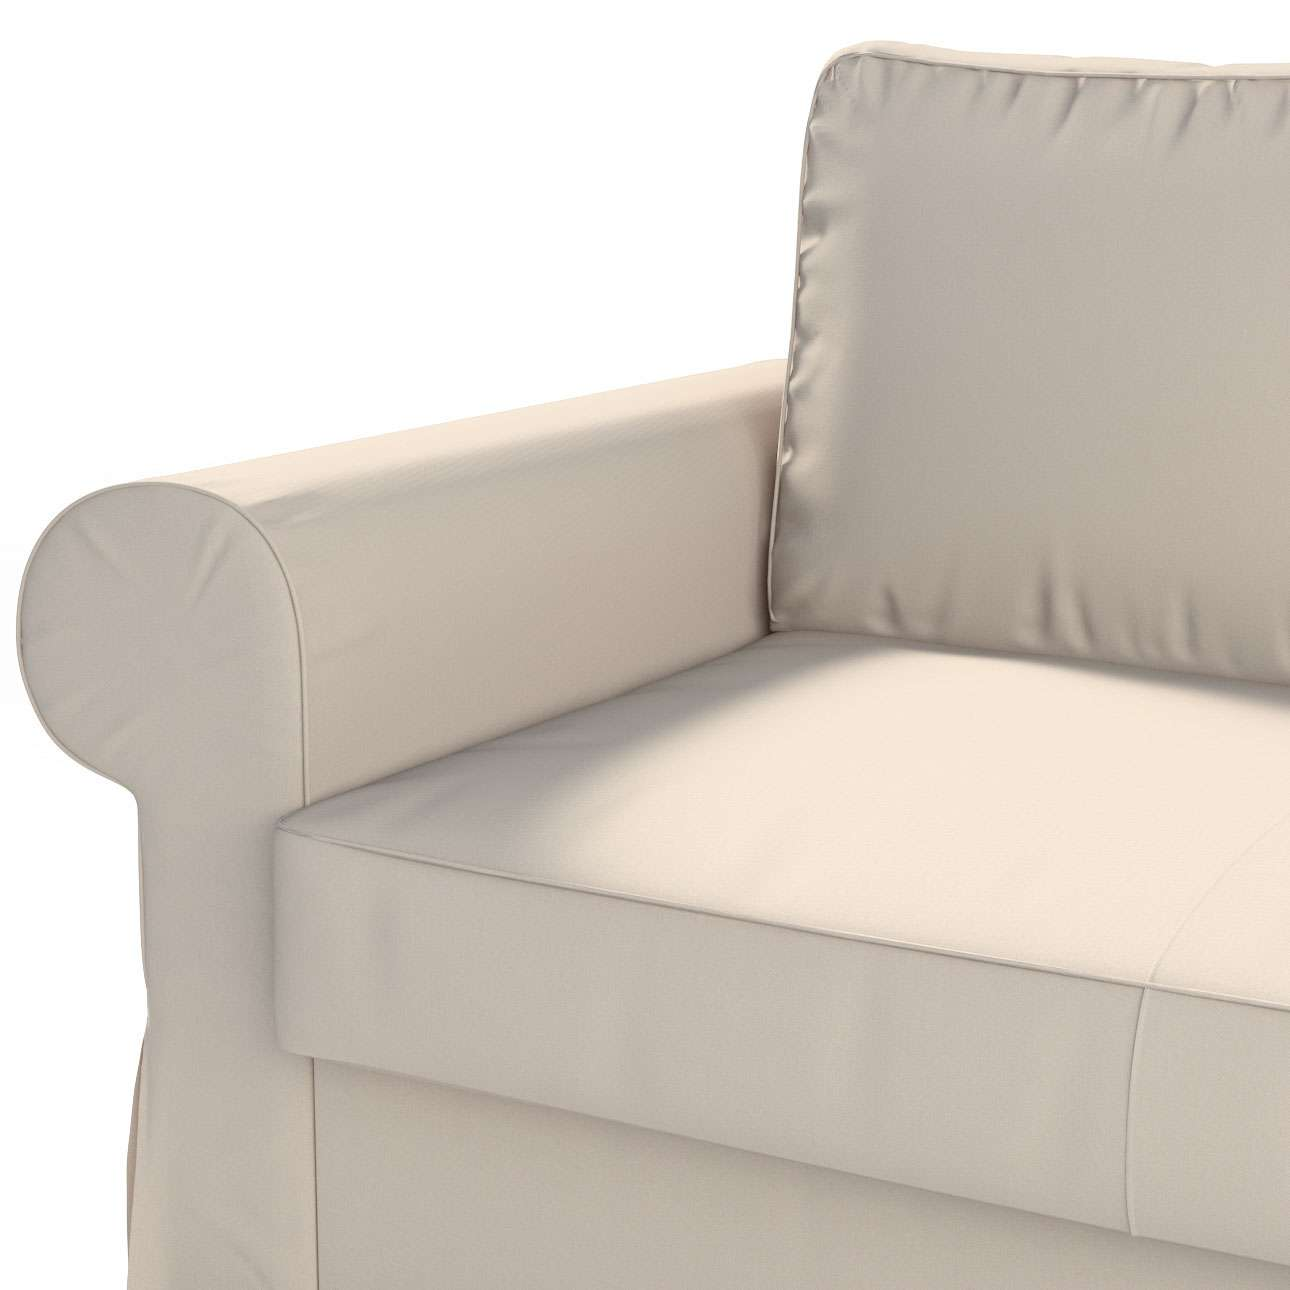 Pokrowiec na sofę Backabro 2-osobową rozkładaną w kolekcji Etna, tkanina: 705-01